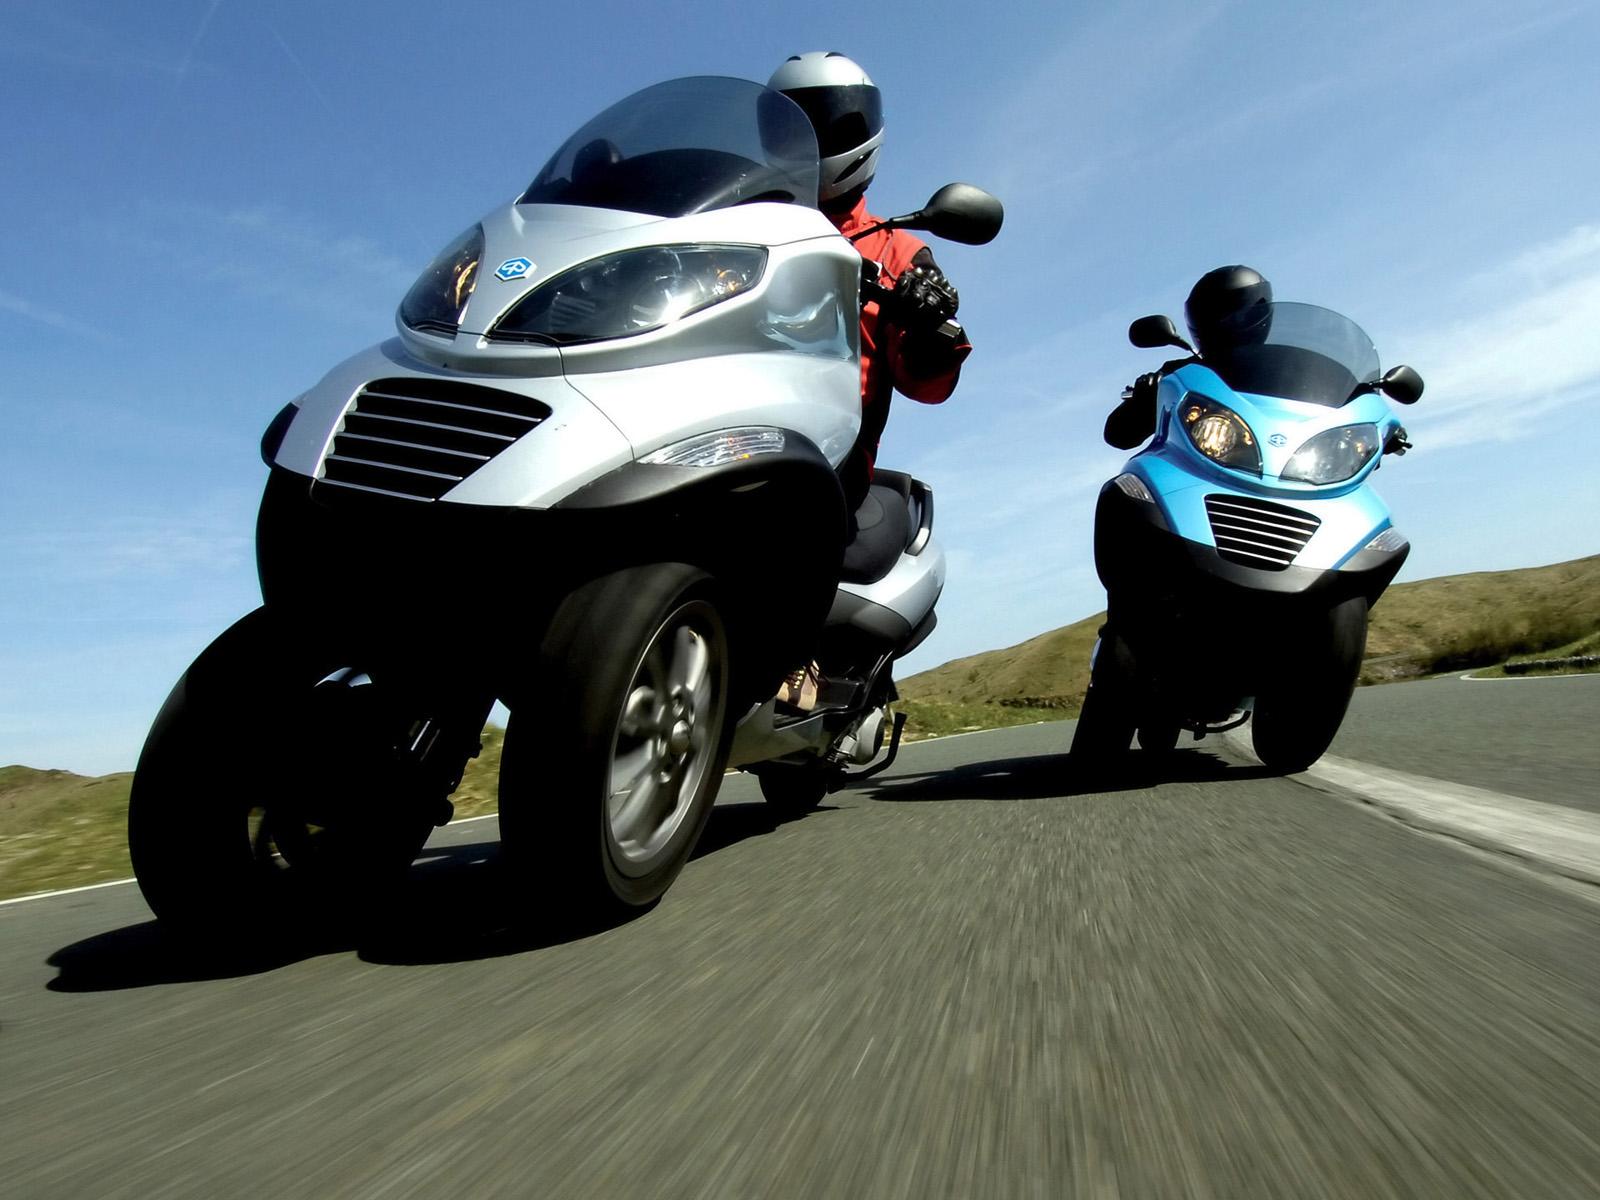 питомцем мотоцикл с двумя колесами спереди фото абсолютно